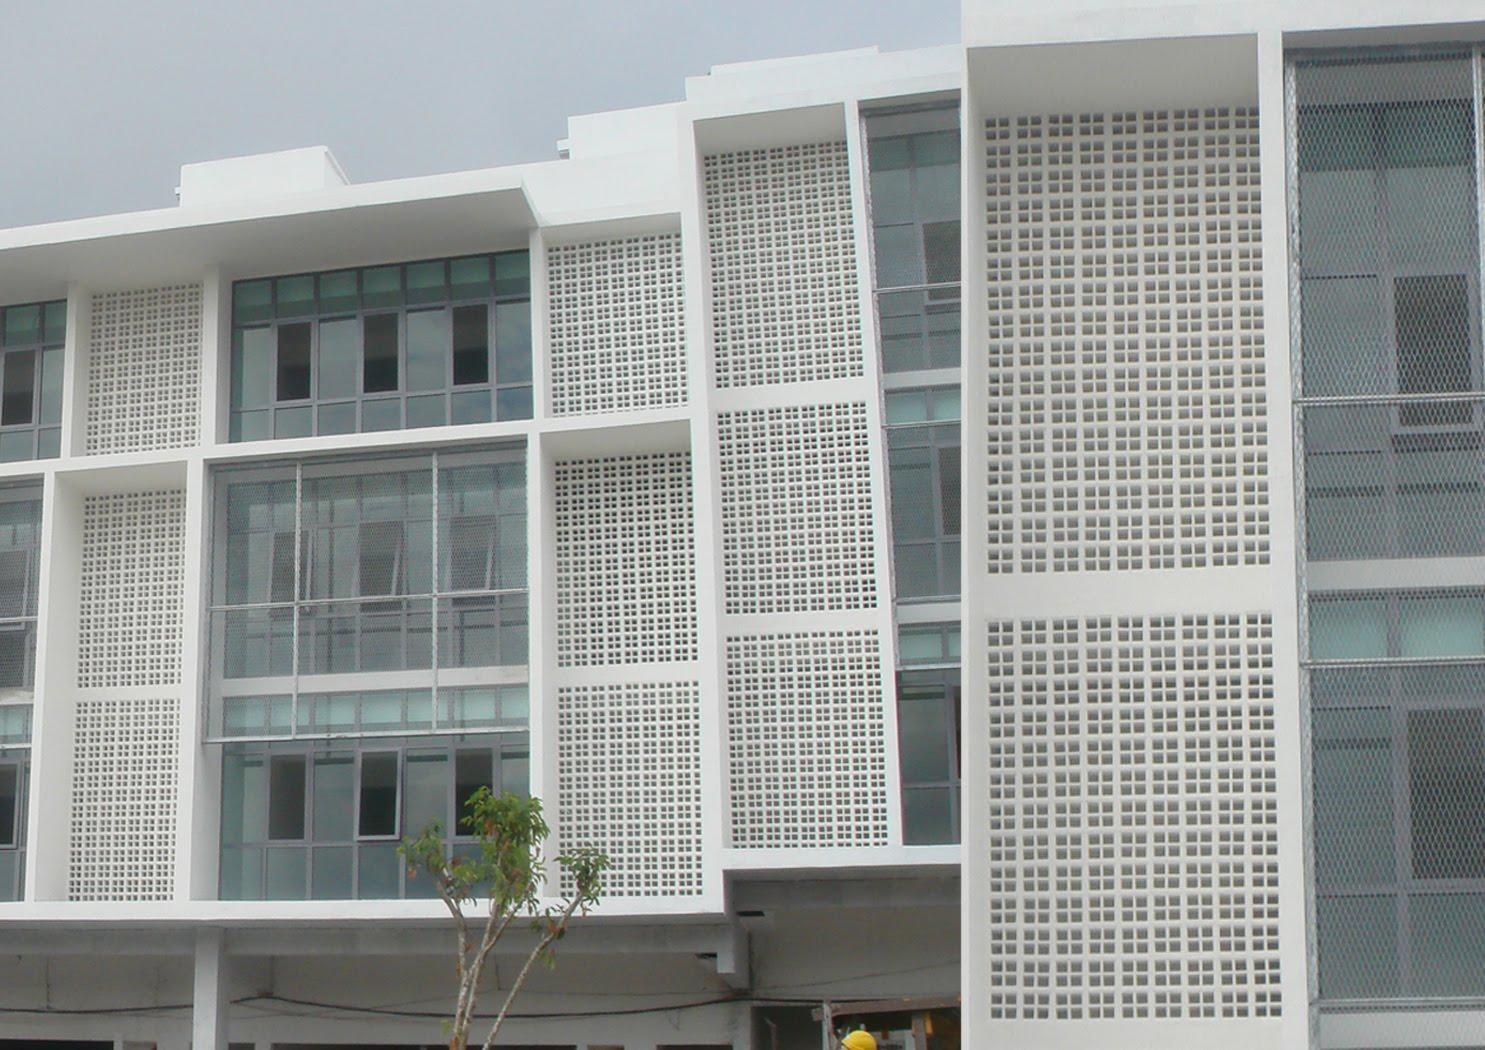 ala design vent blocks. Black Bedroom Furniture Sets. Home Design Ideas